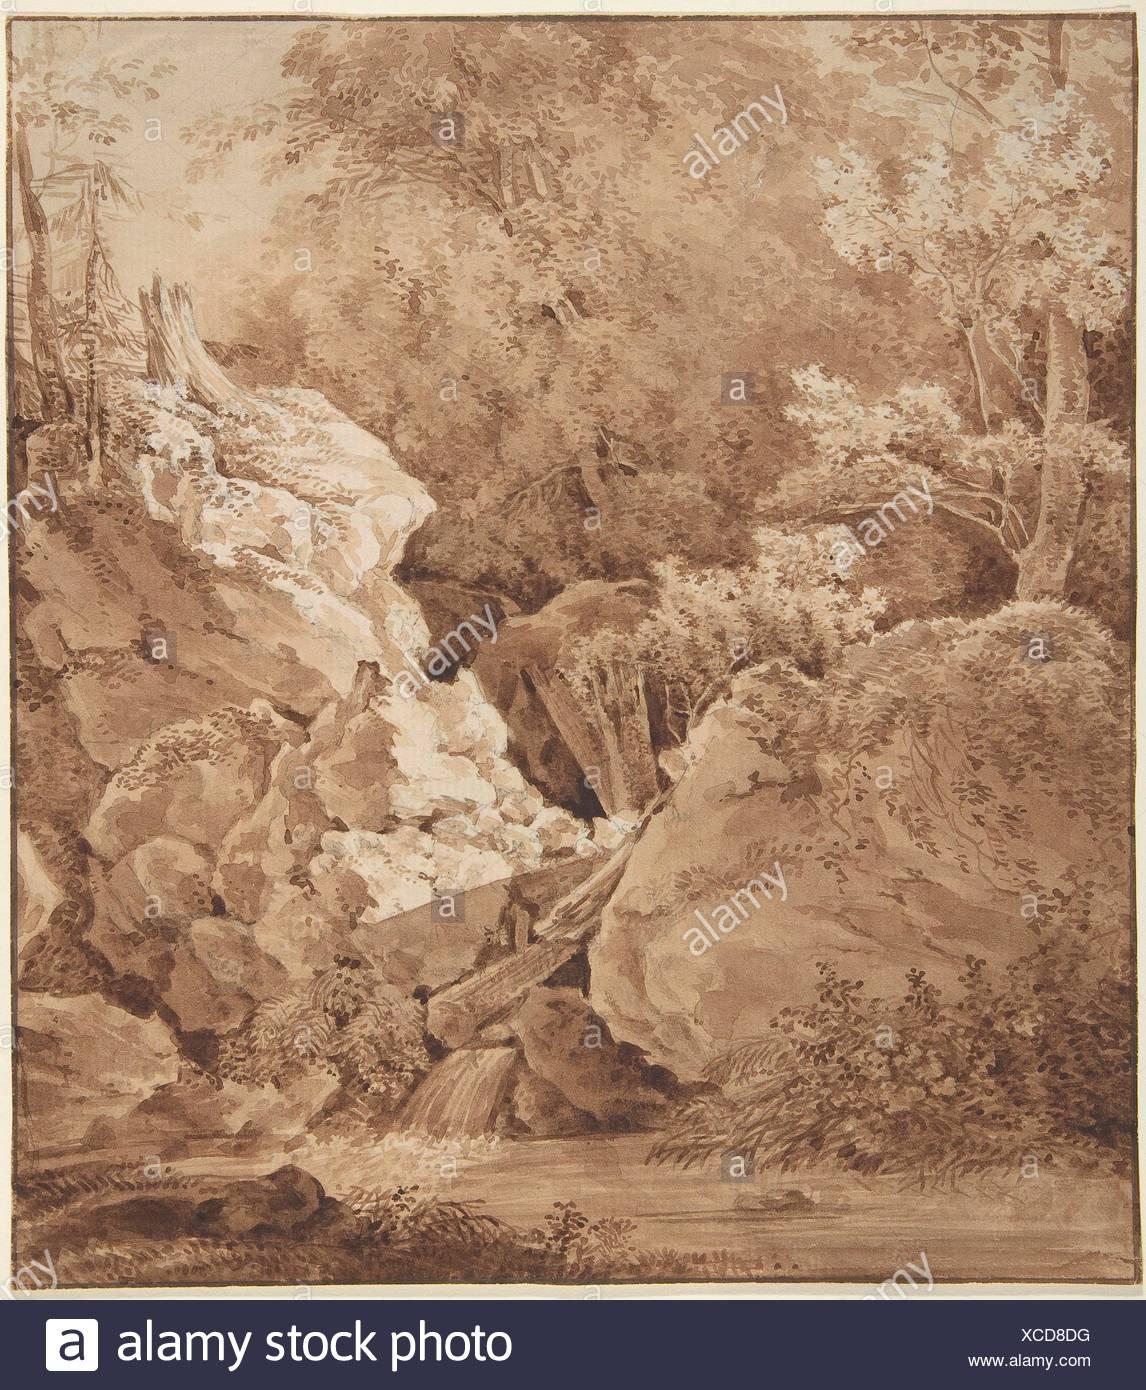 Woodland Scene with Mountain Stream. Artist: Johann Georg von Dillis (German, Grüngiebing 1759-1841 Munich); Date: 1790s; Medium: Pen and brown Stock Photo